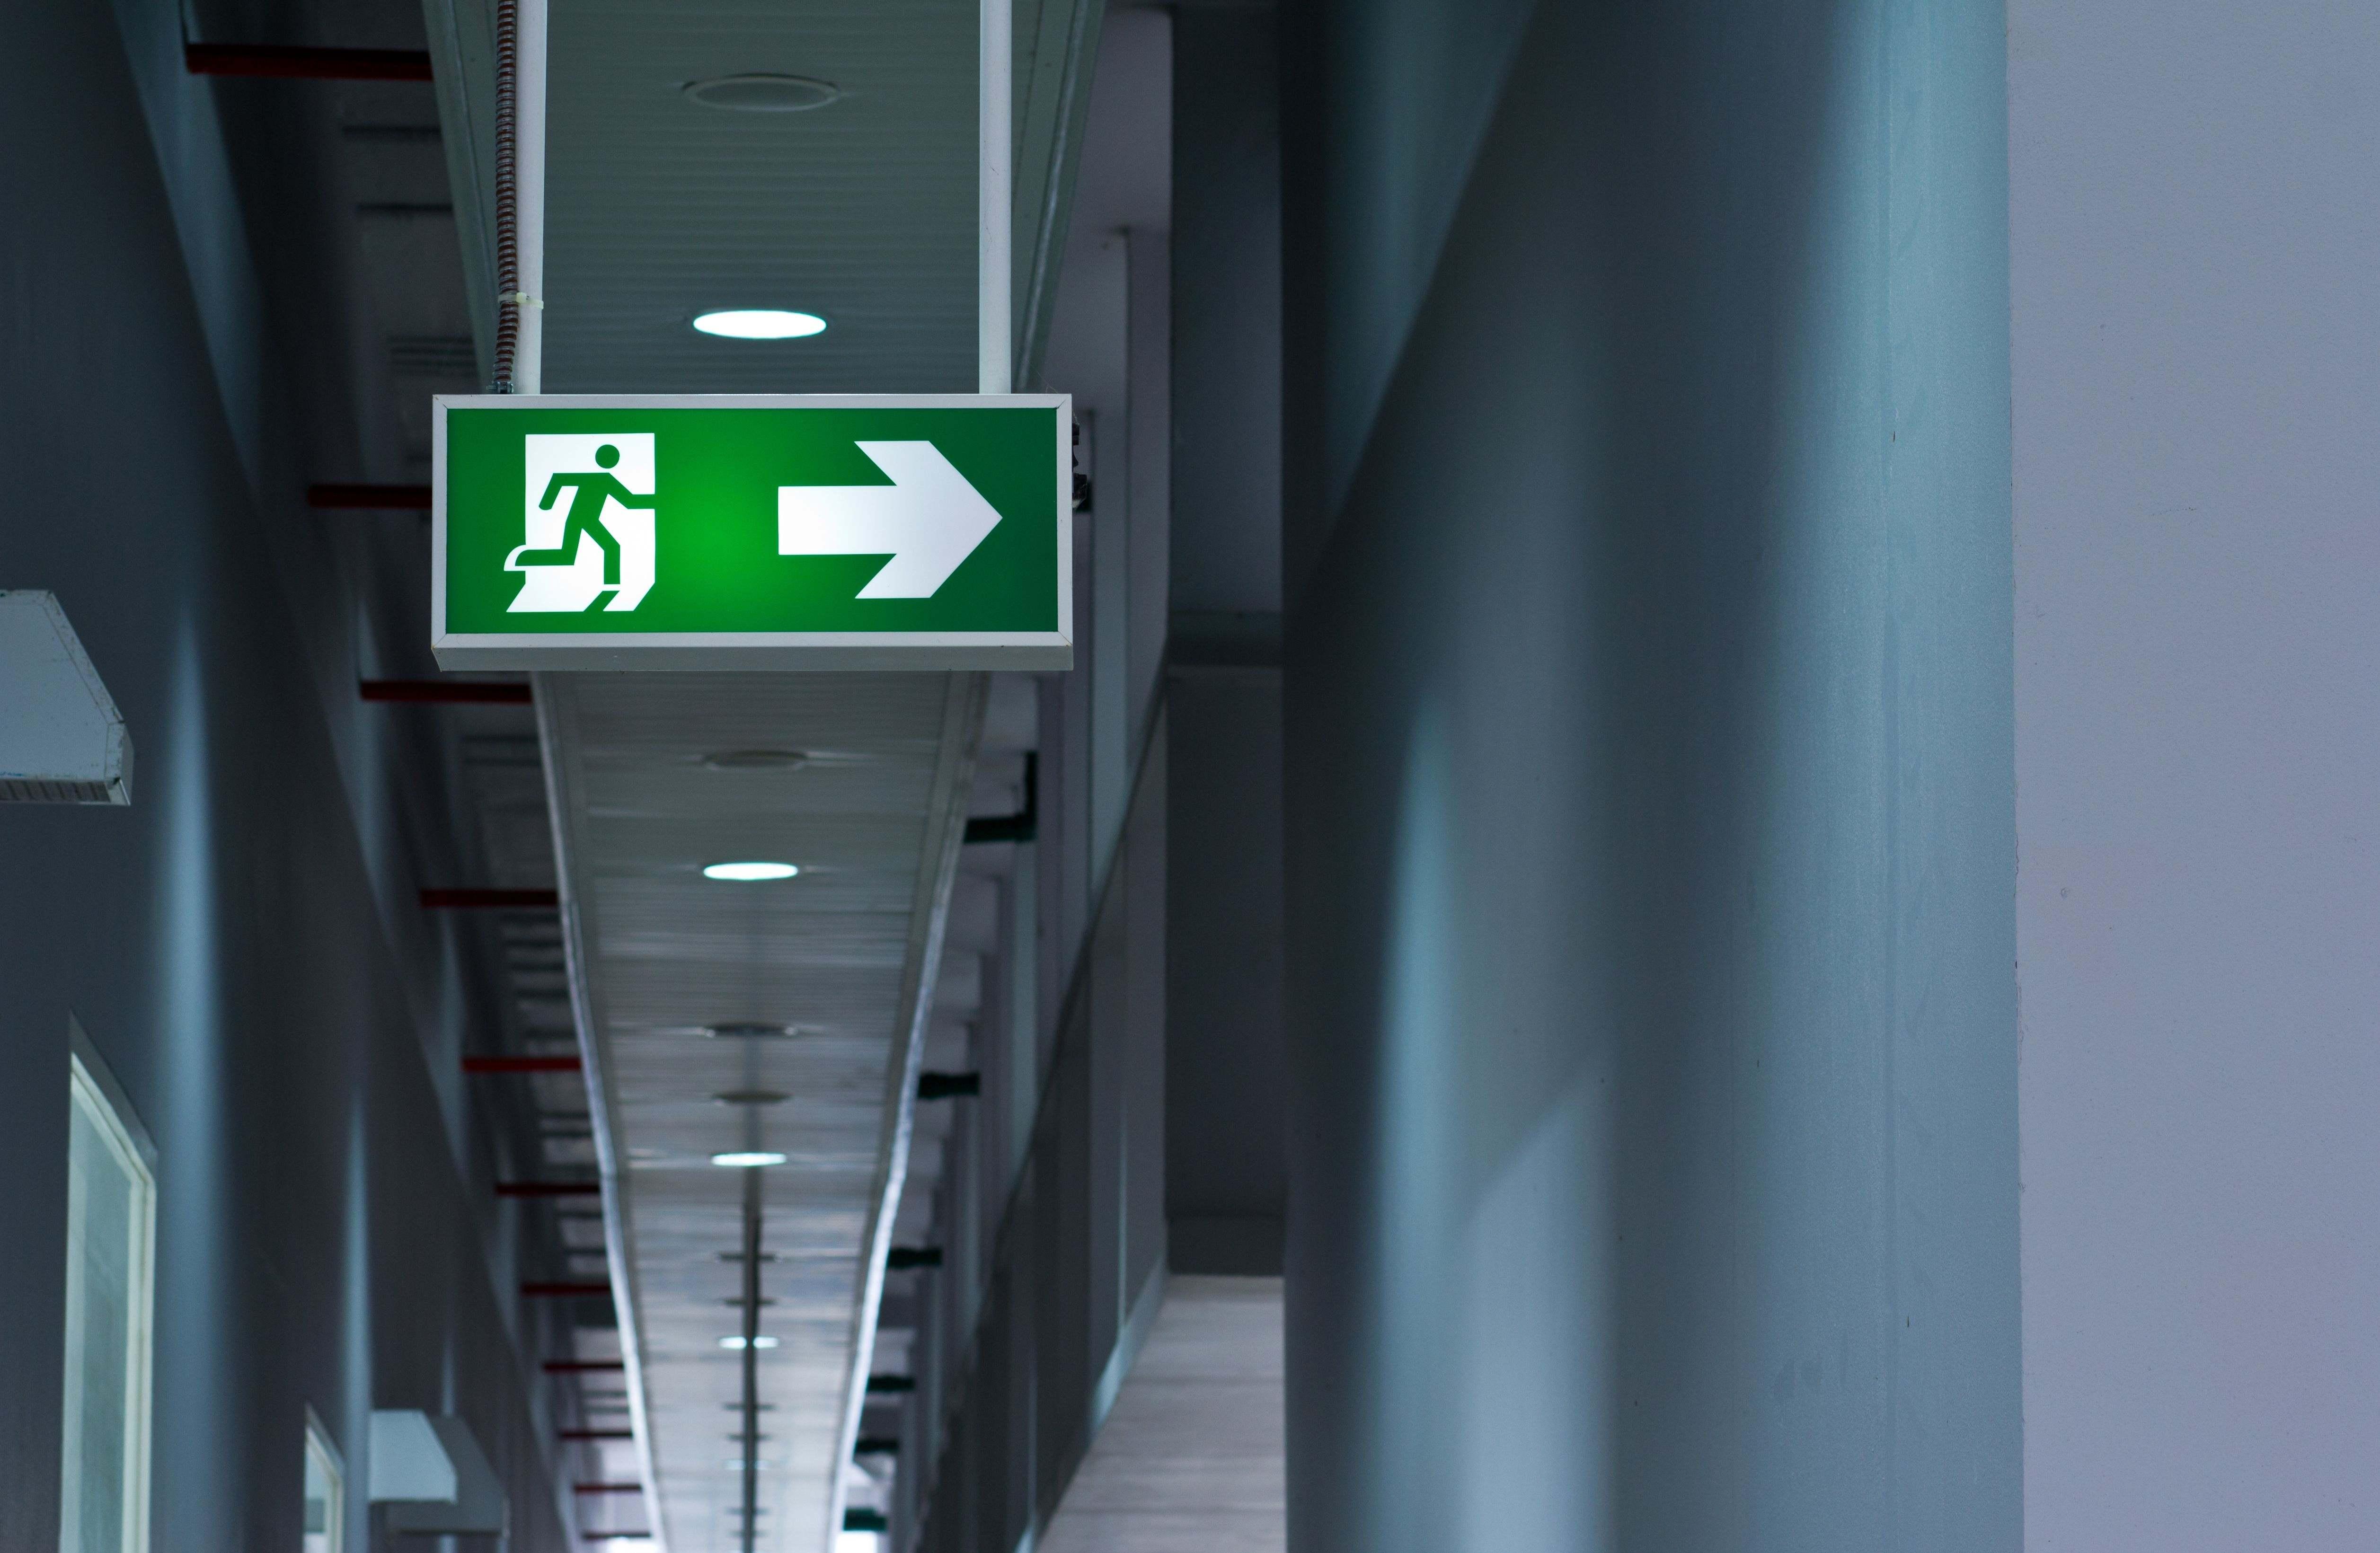 Illuminazione di sicurezza o blocco autonomo di illuminazione: la guida completa